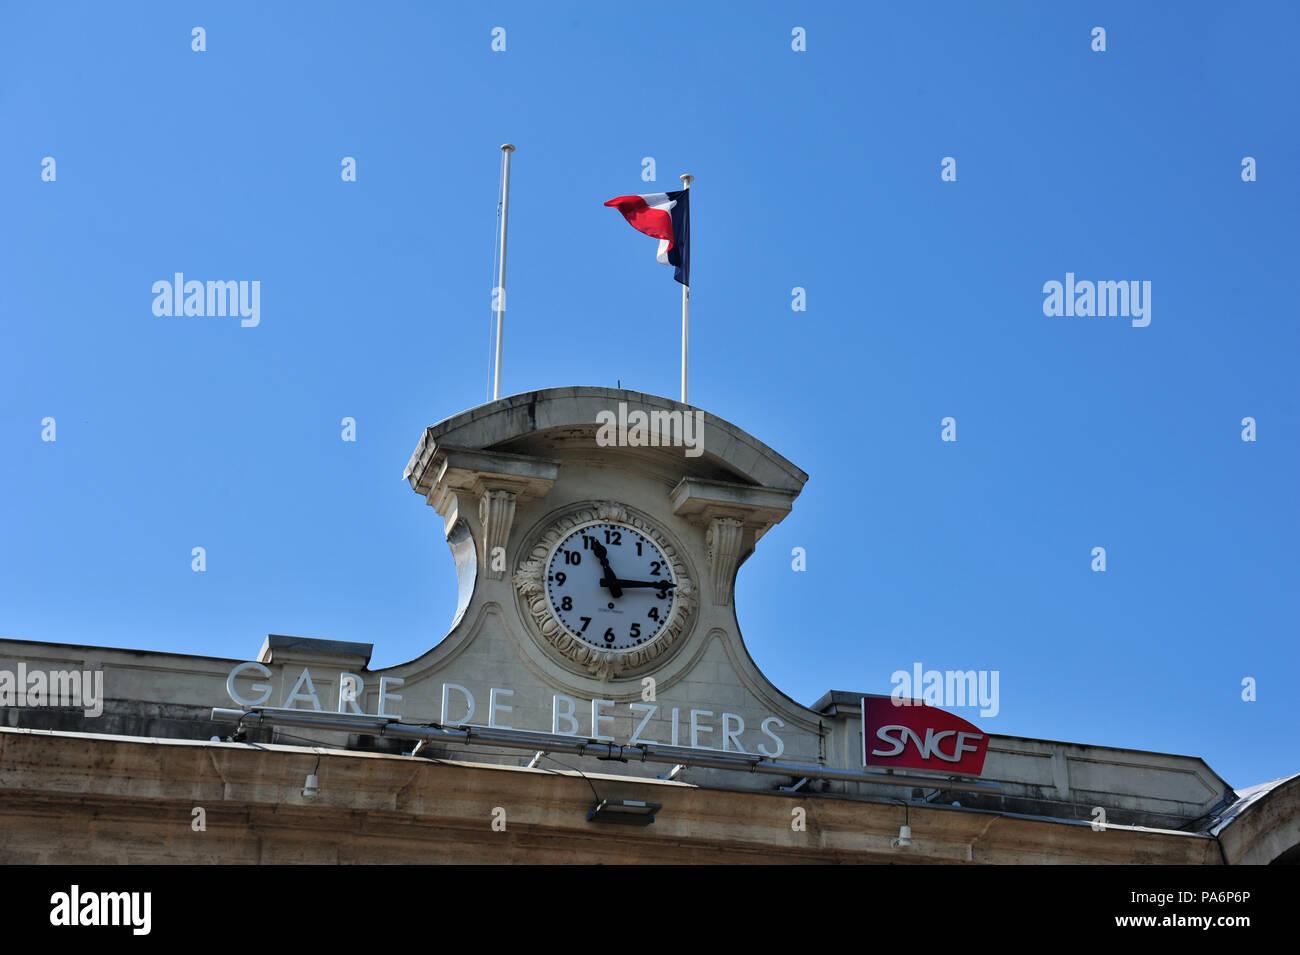 Les voyageurs français et les passagers voir cette horloge sur la façade avant de la gare de Béziers, France Photo Stock